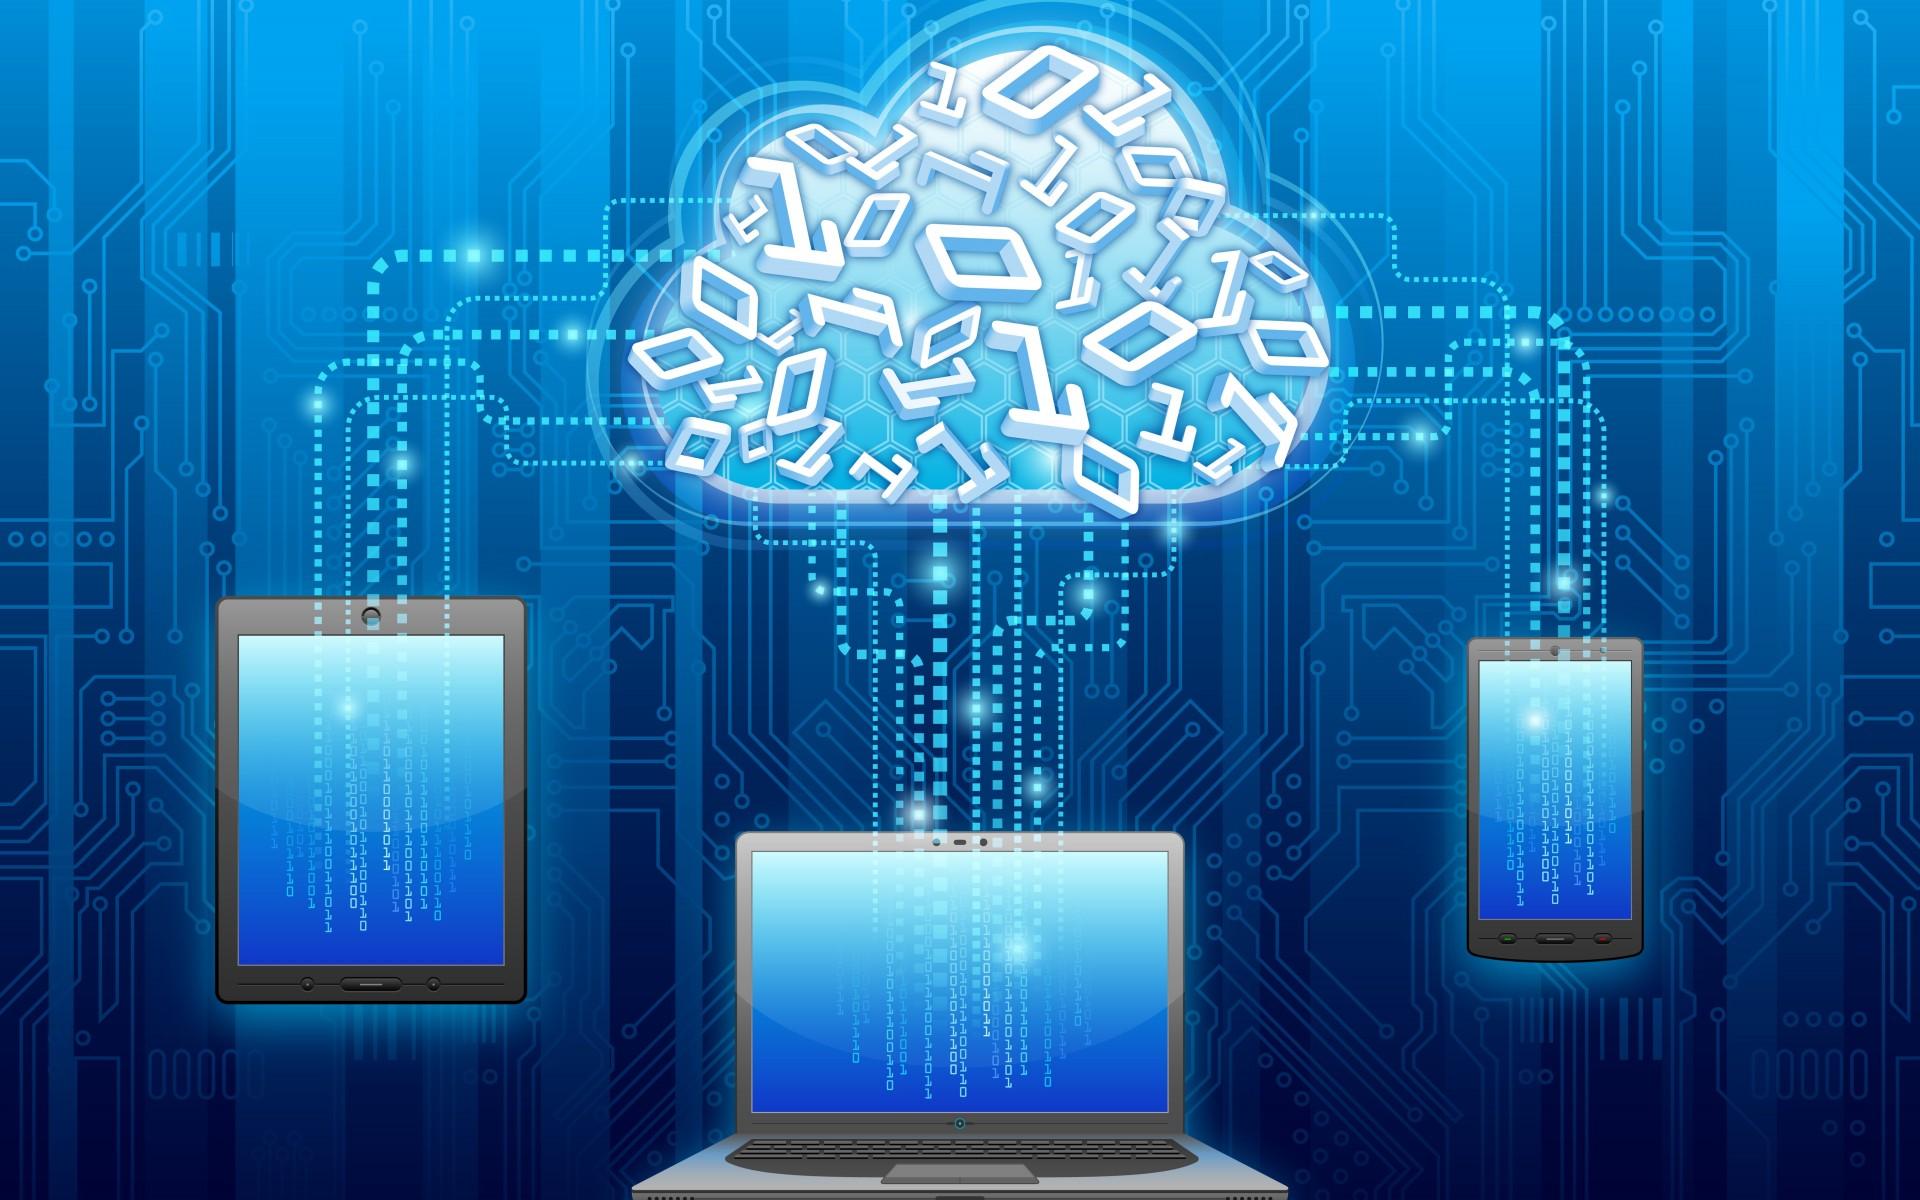 تحضير عين درس مراحل كتابة البرنامج التعامل مع البيانات مادة الحاسب الالي 2 نظام المقررات 1441